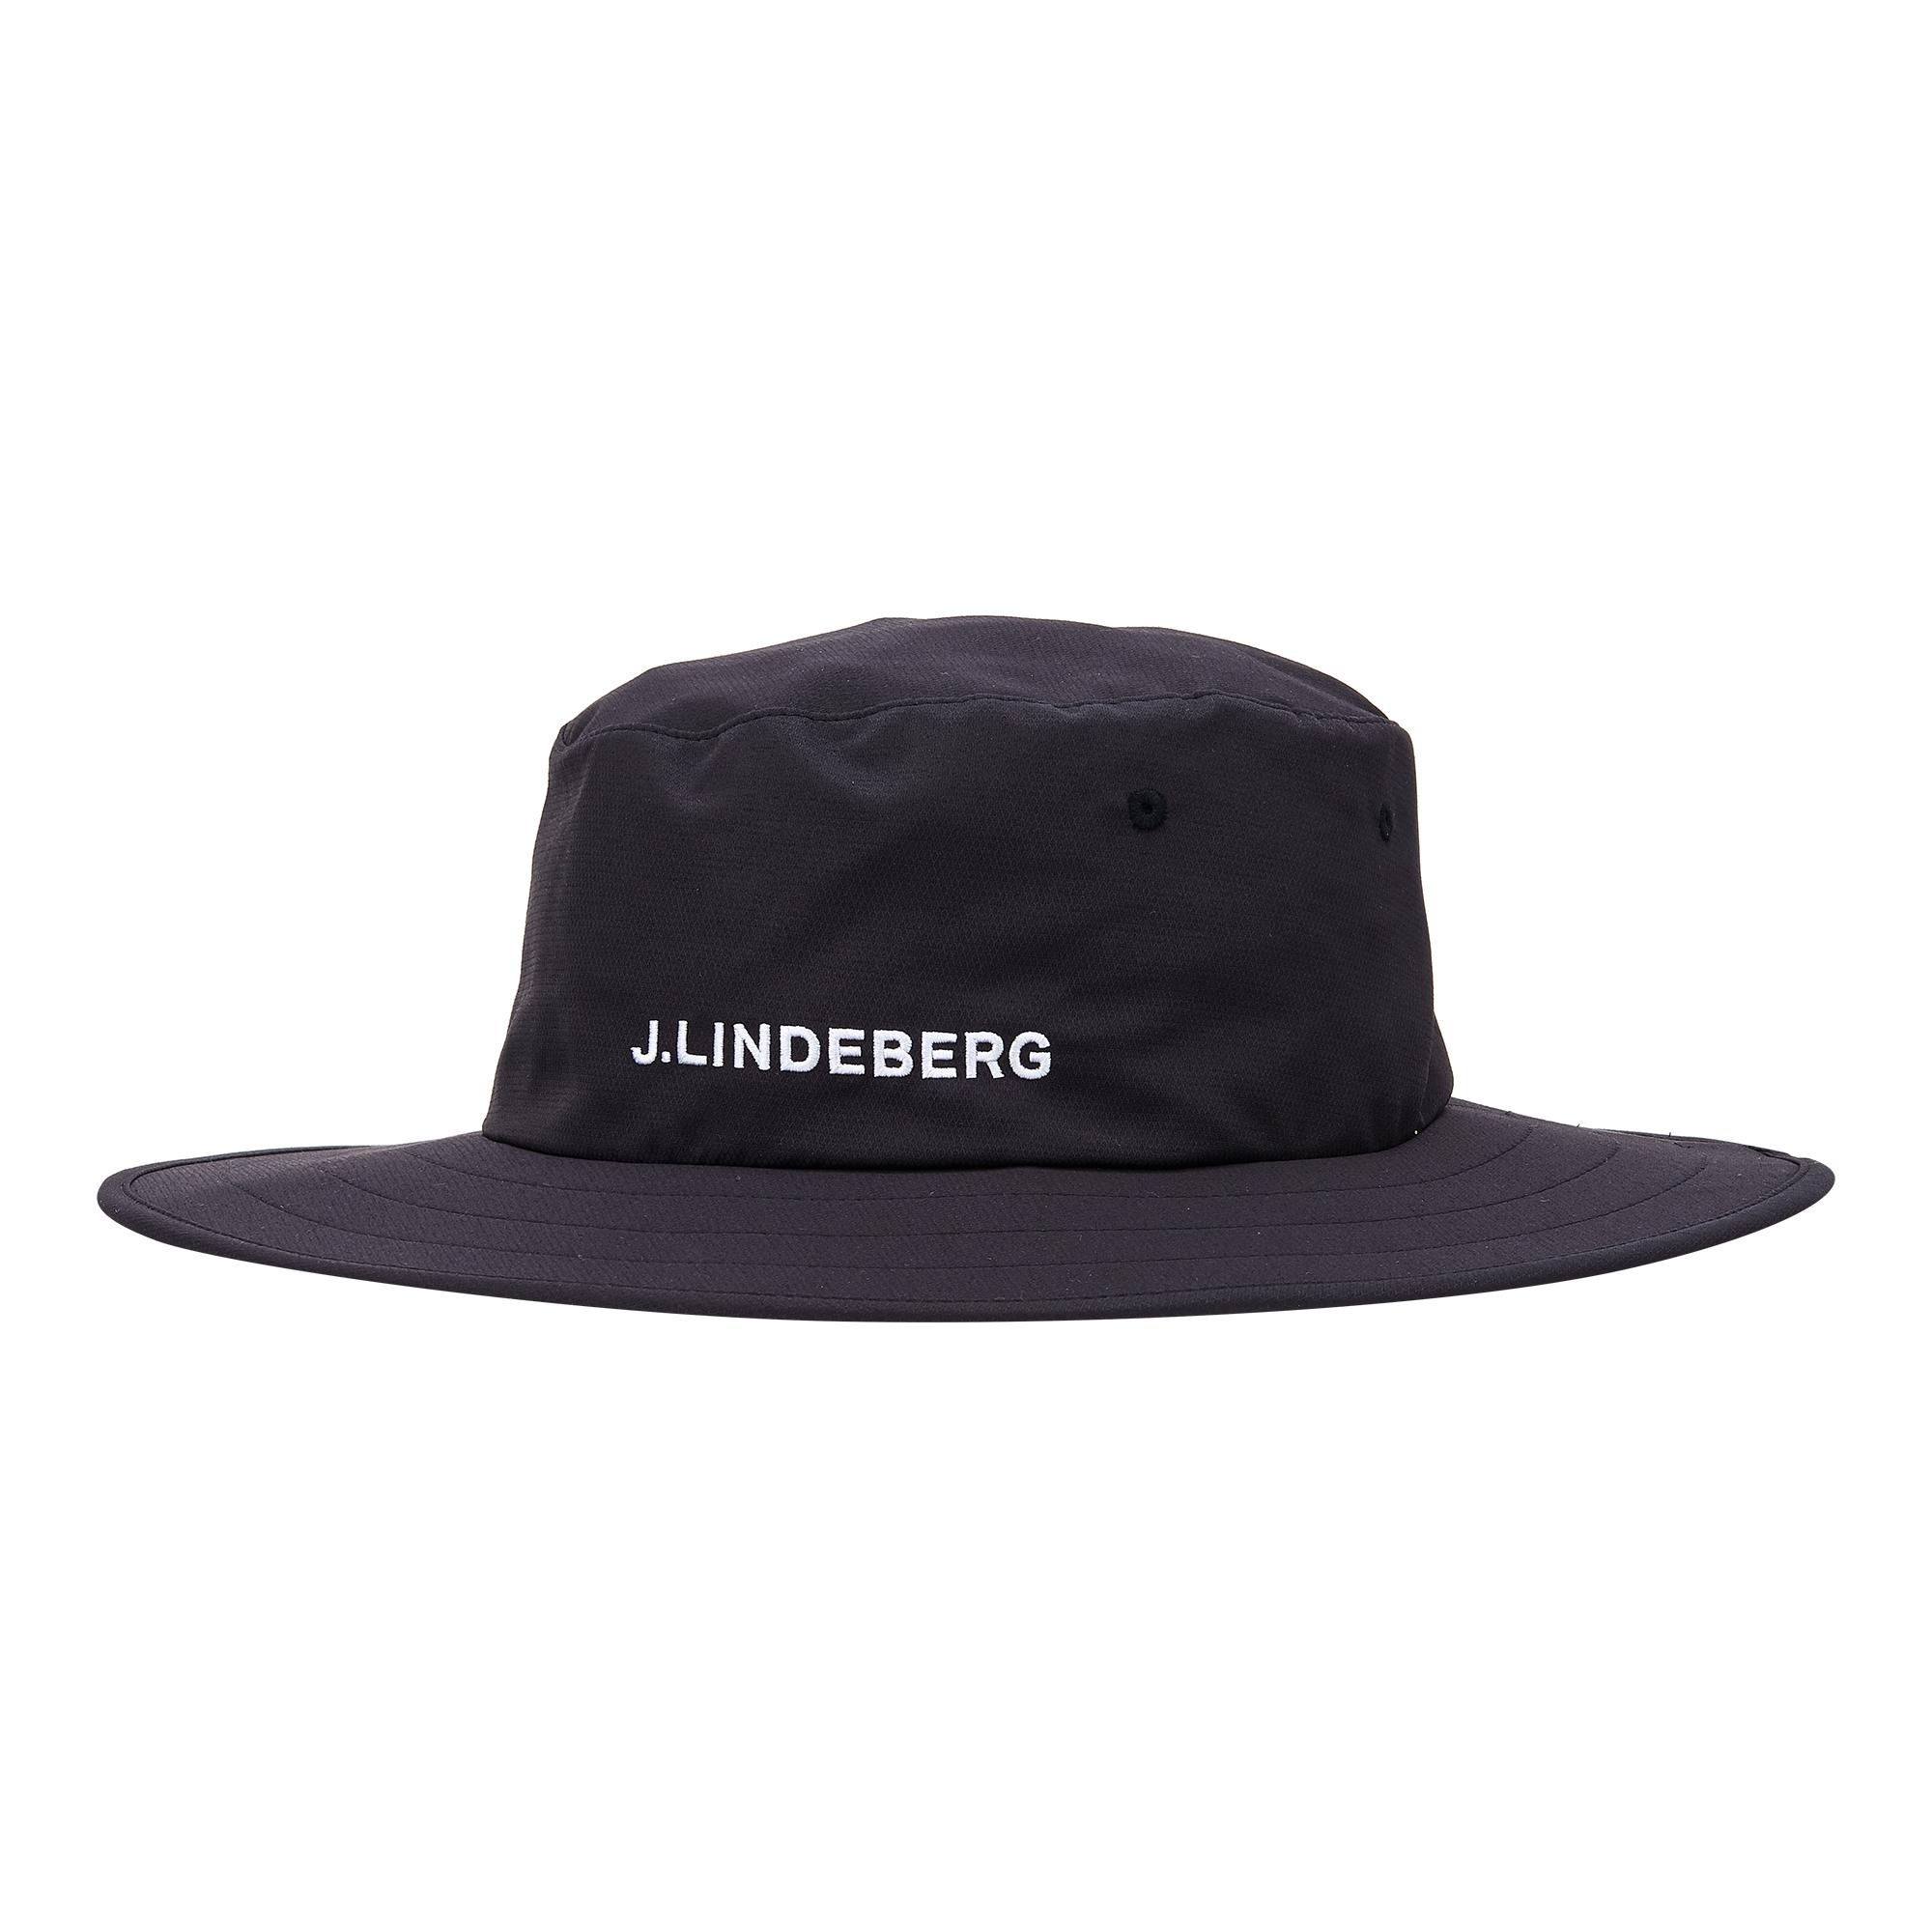 제이린드버그(J.LINDEBERG) [Men] 와이드 버킷 햇 2103356703040003